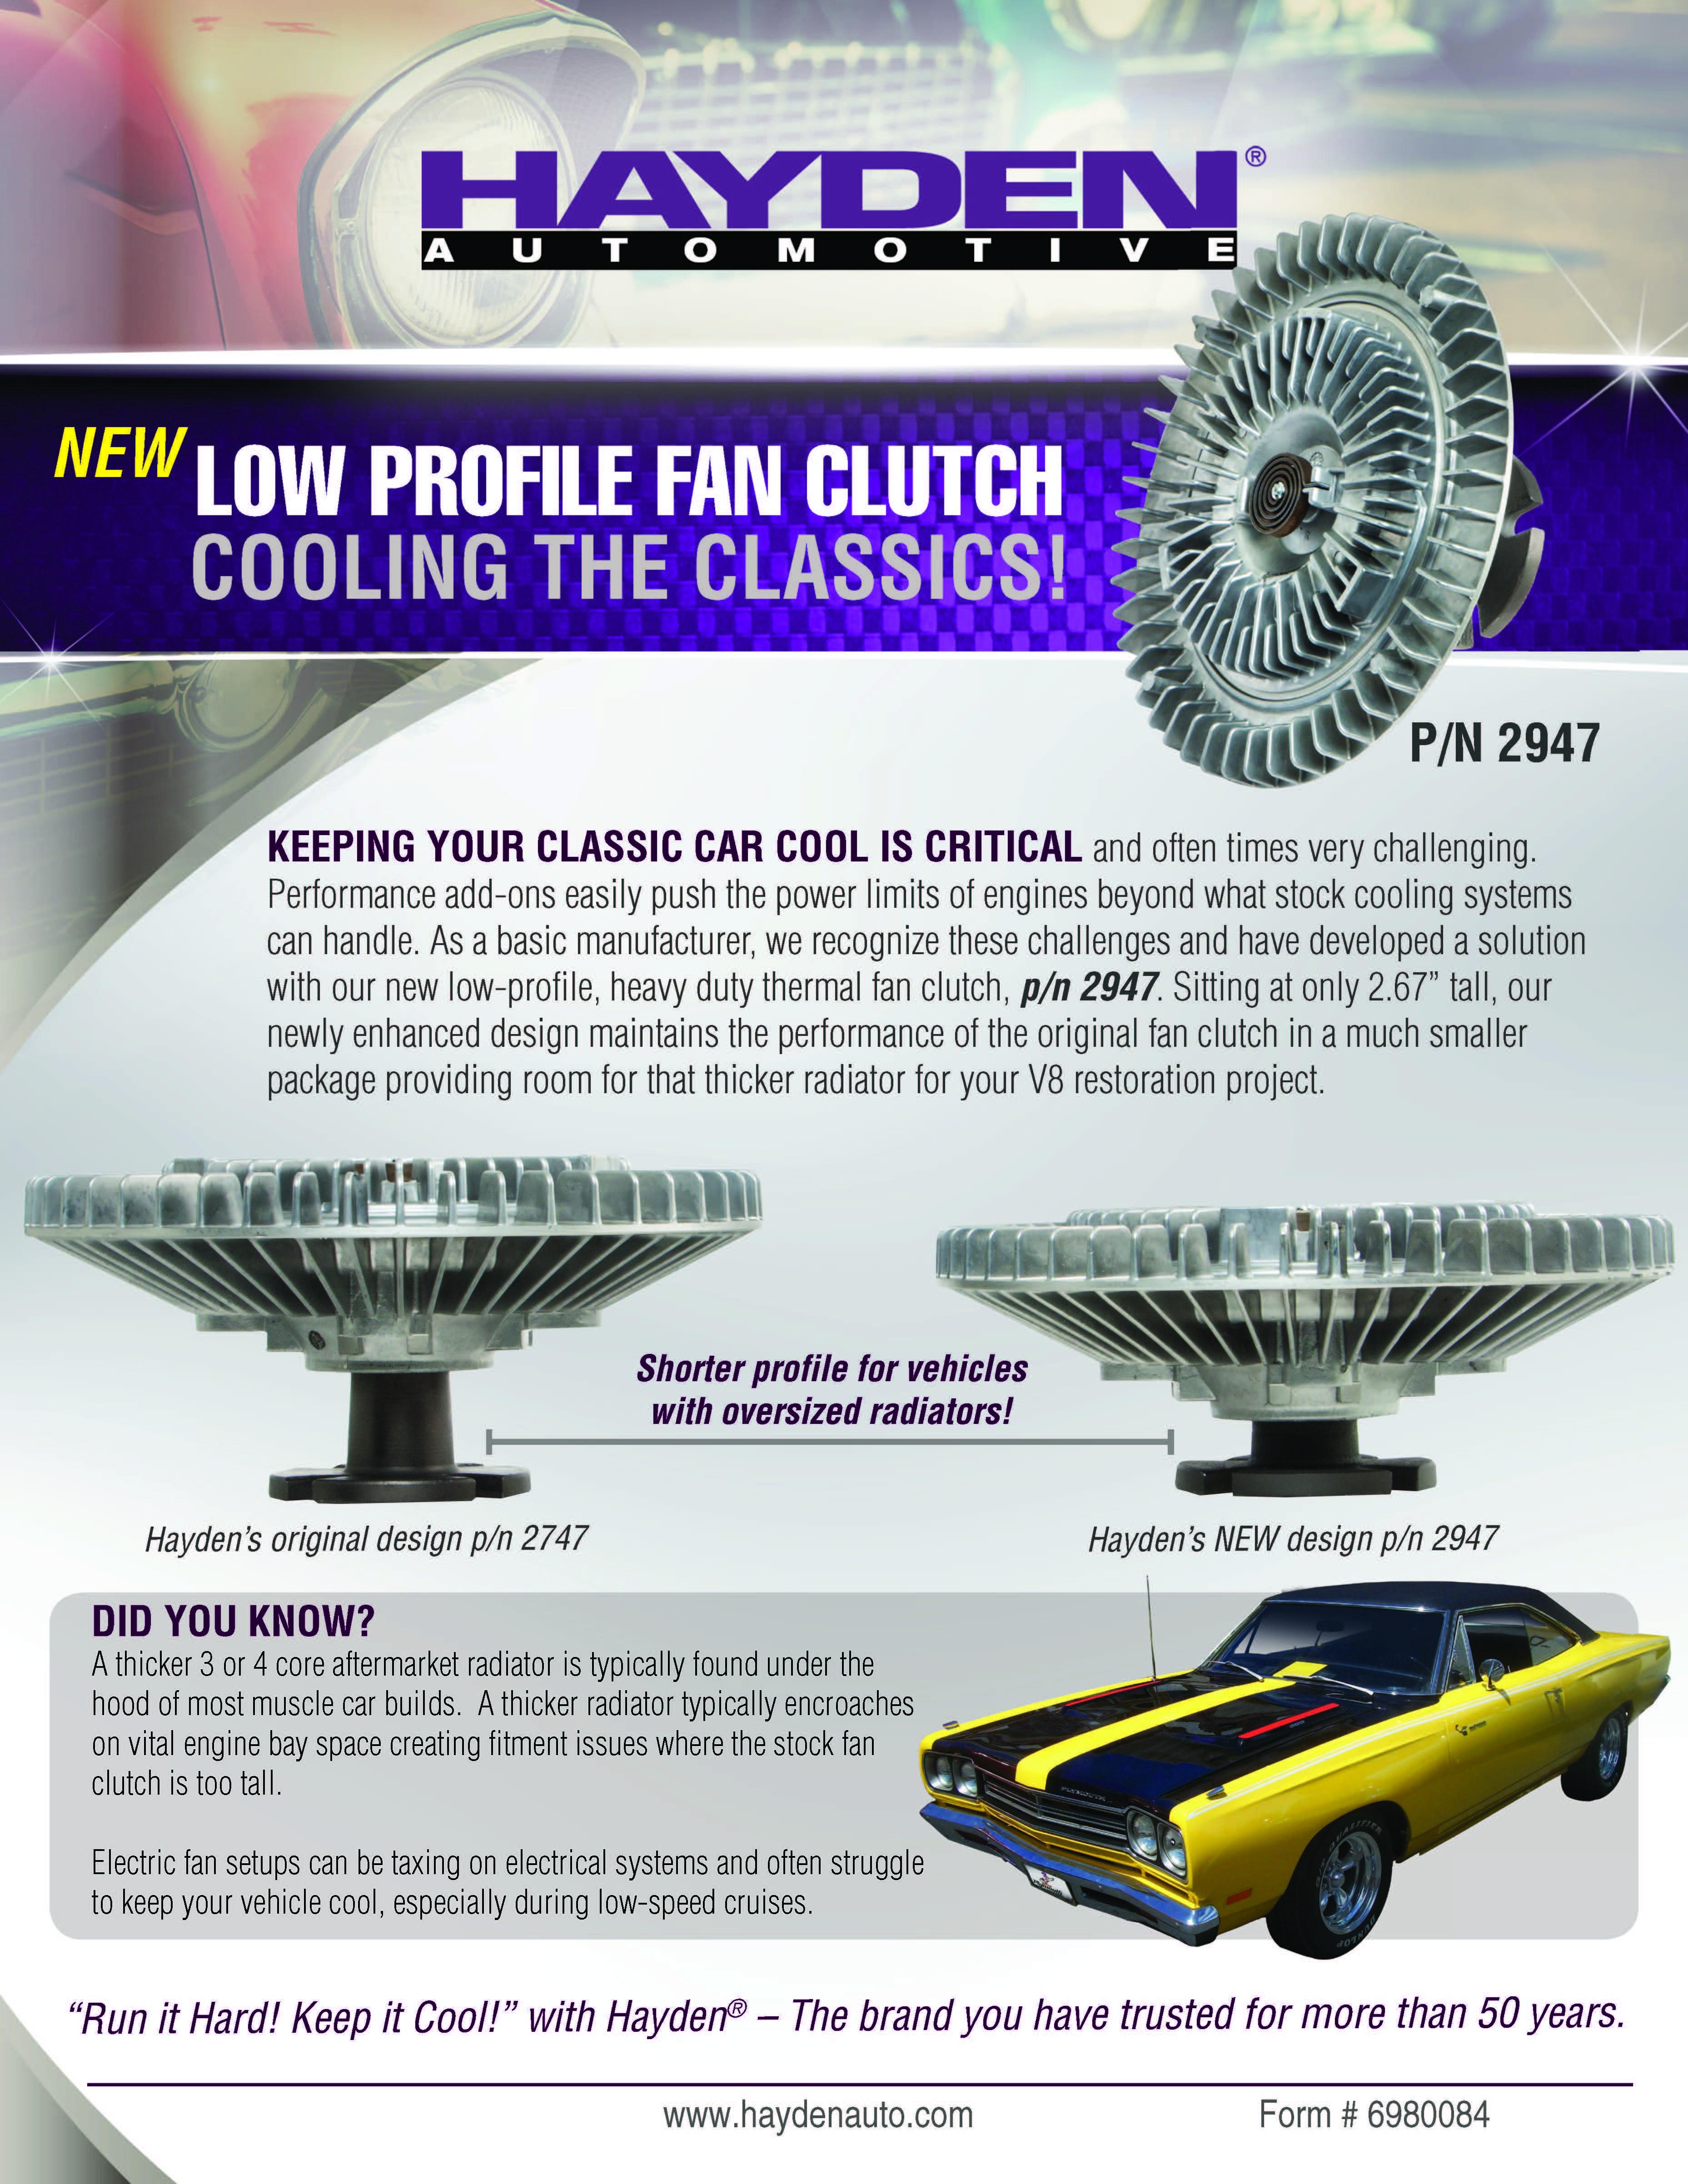 Hayden_Low Profile Fan Clutch Flyer.jpg